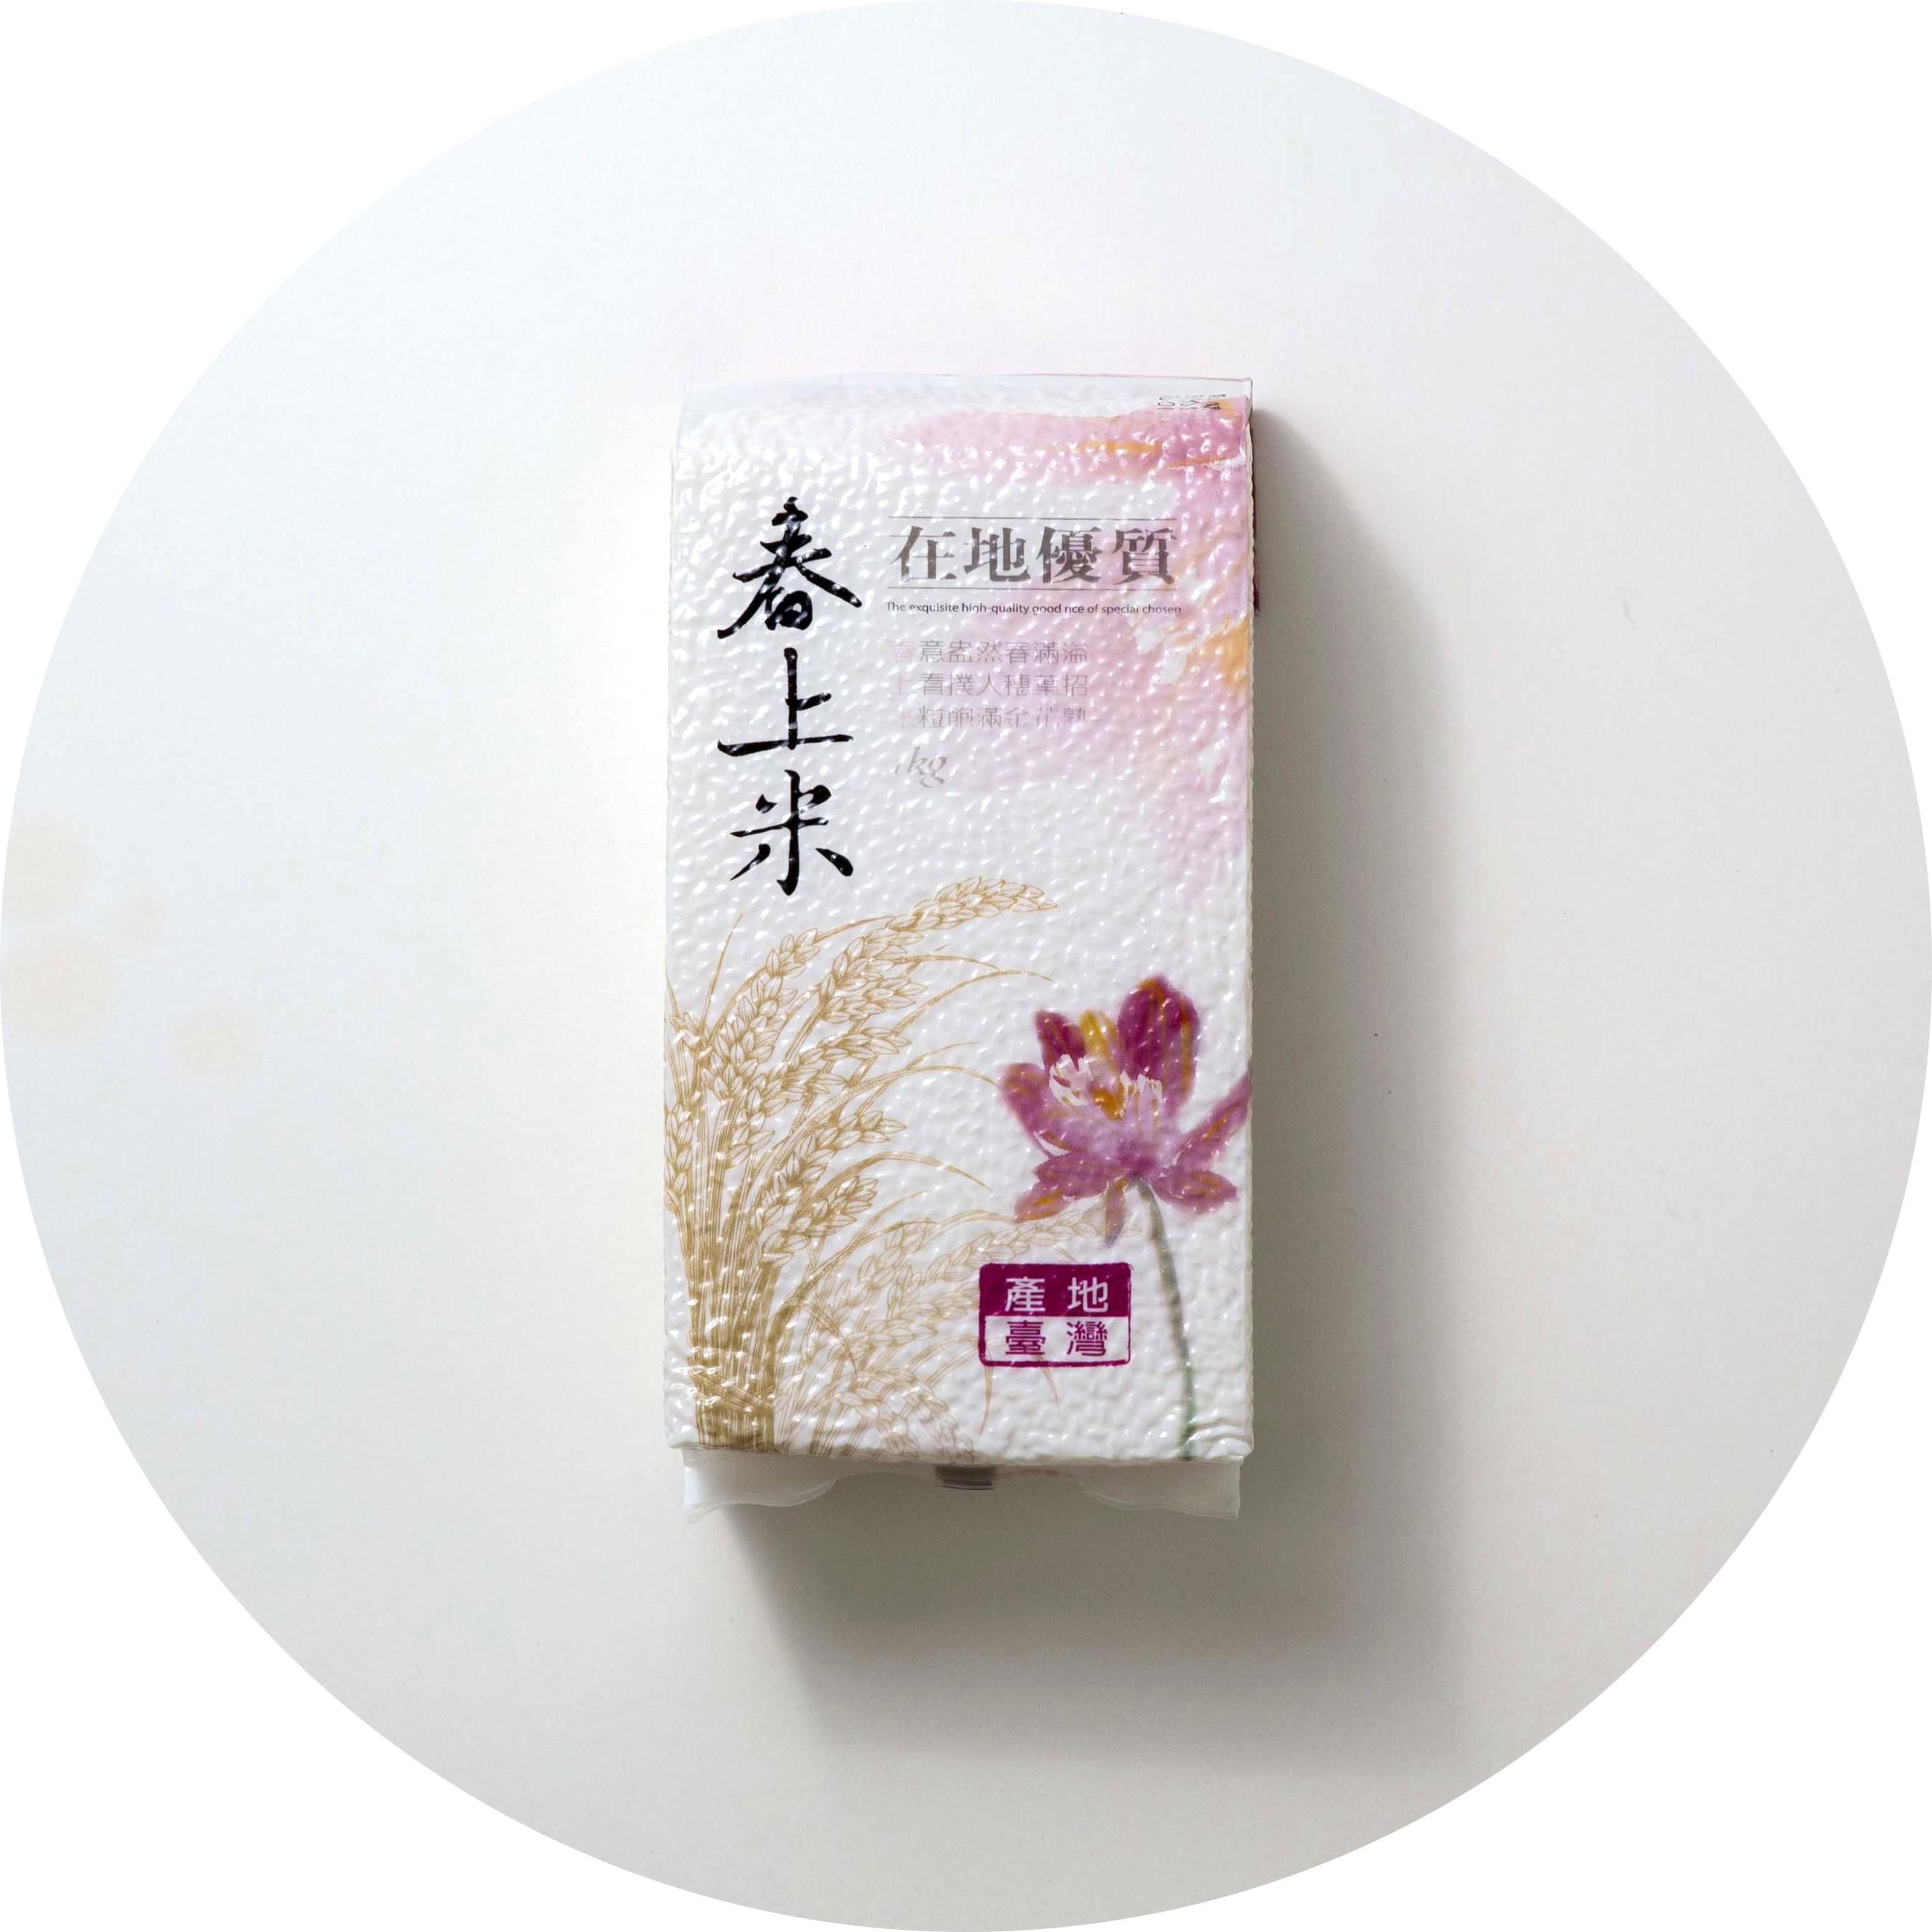 【春上米】春上米-1kg